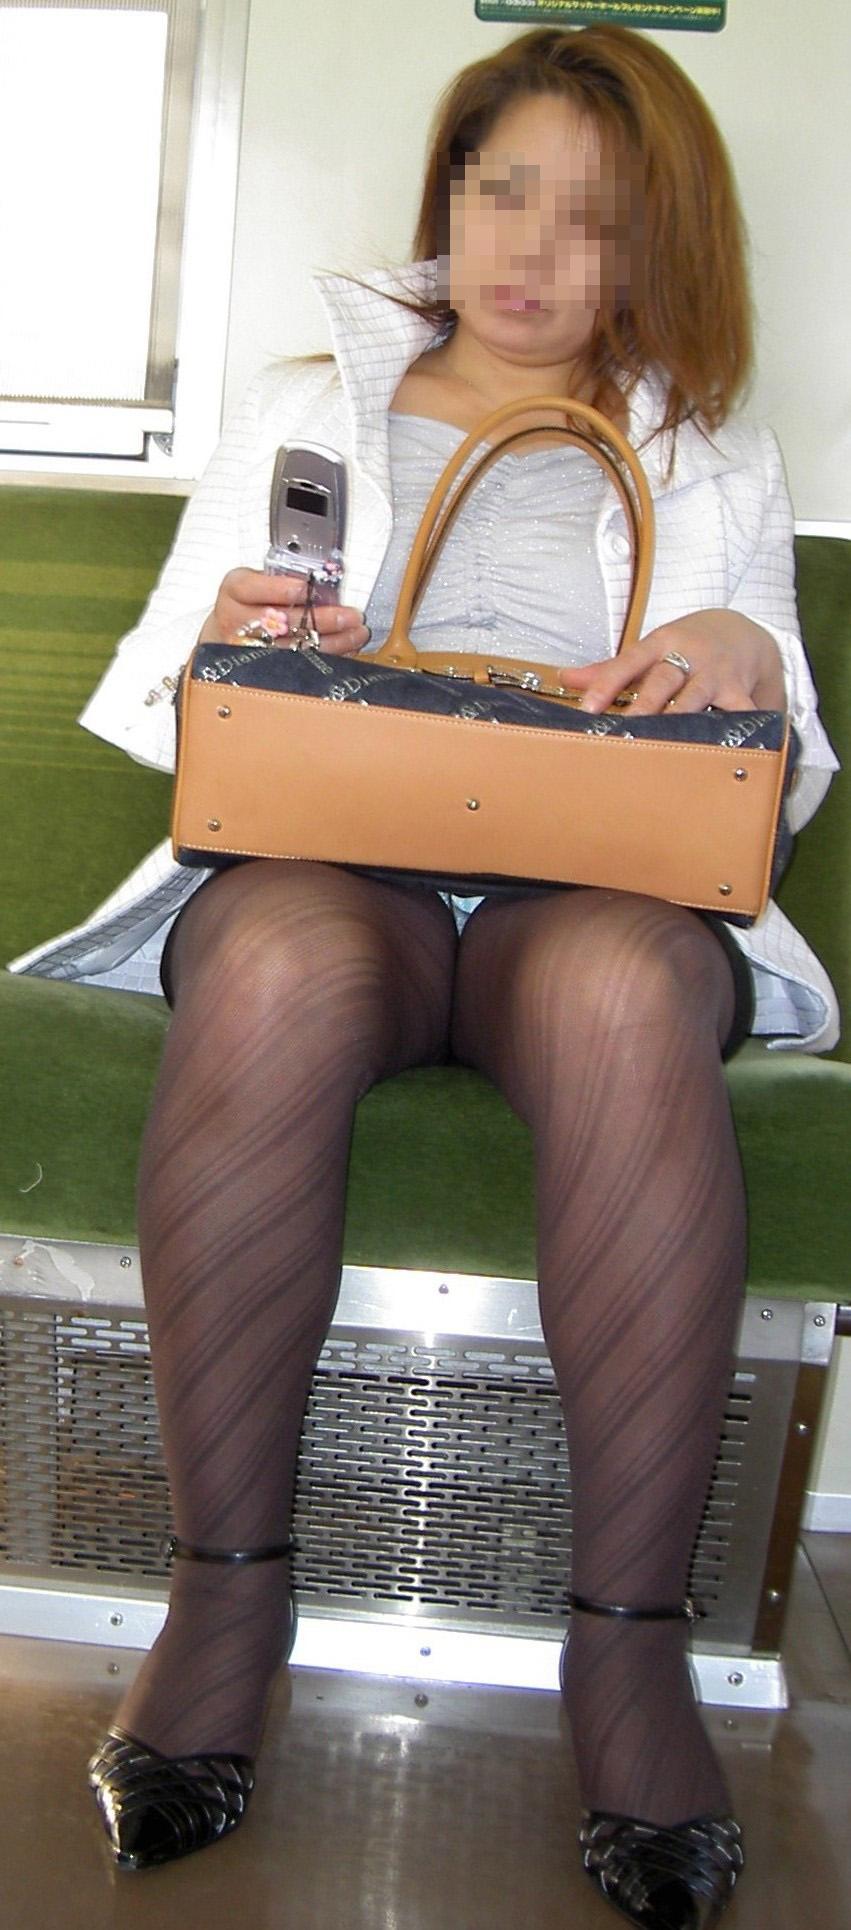 【パンチラエロ画像】対面さえとれば後はこっそり…電車内のパンチラ観察www 21